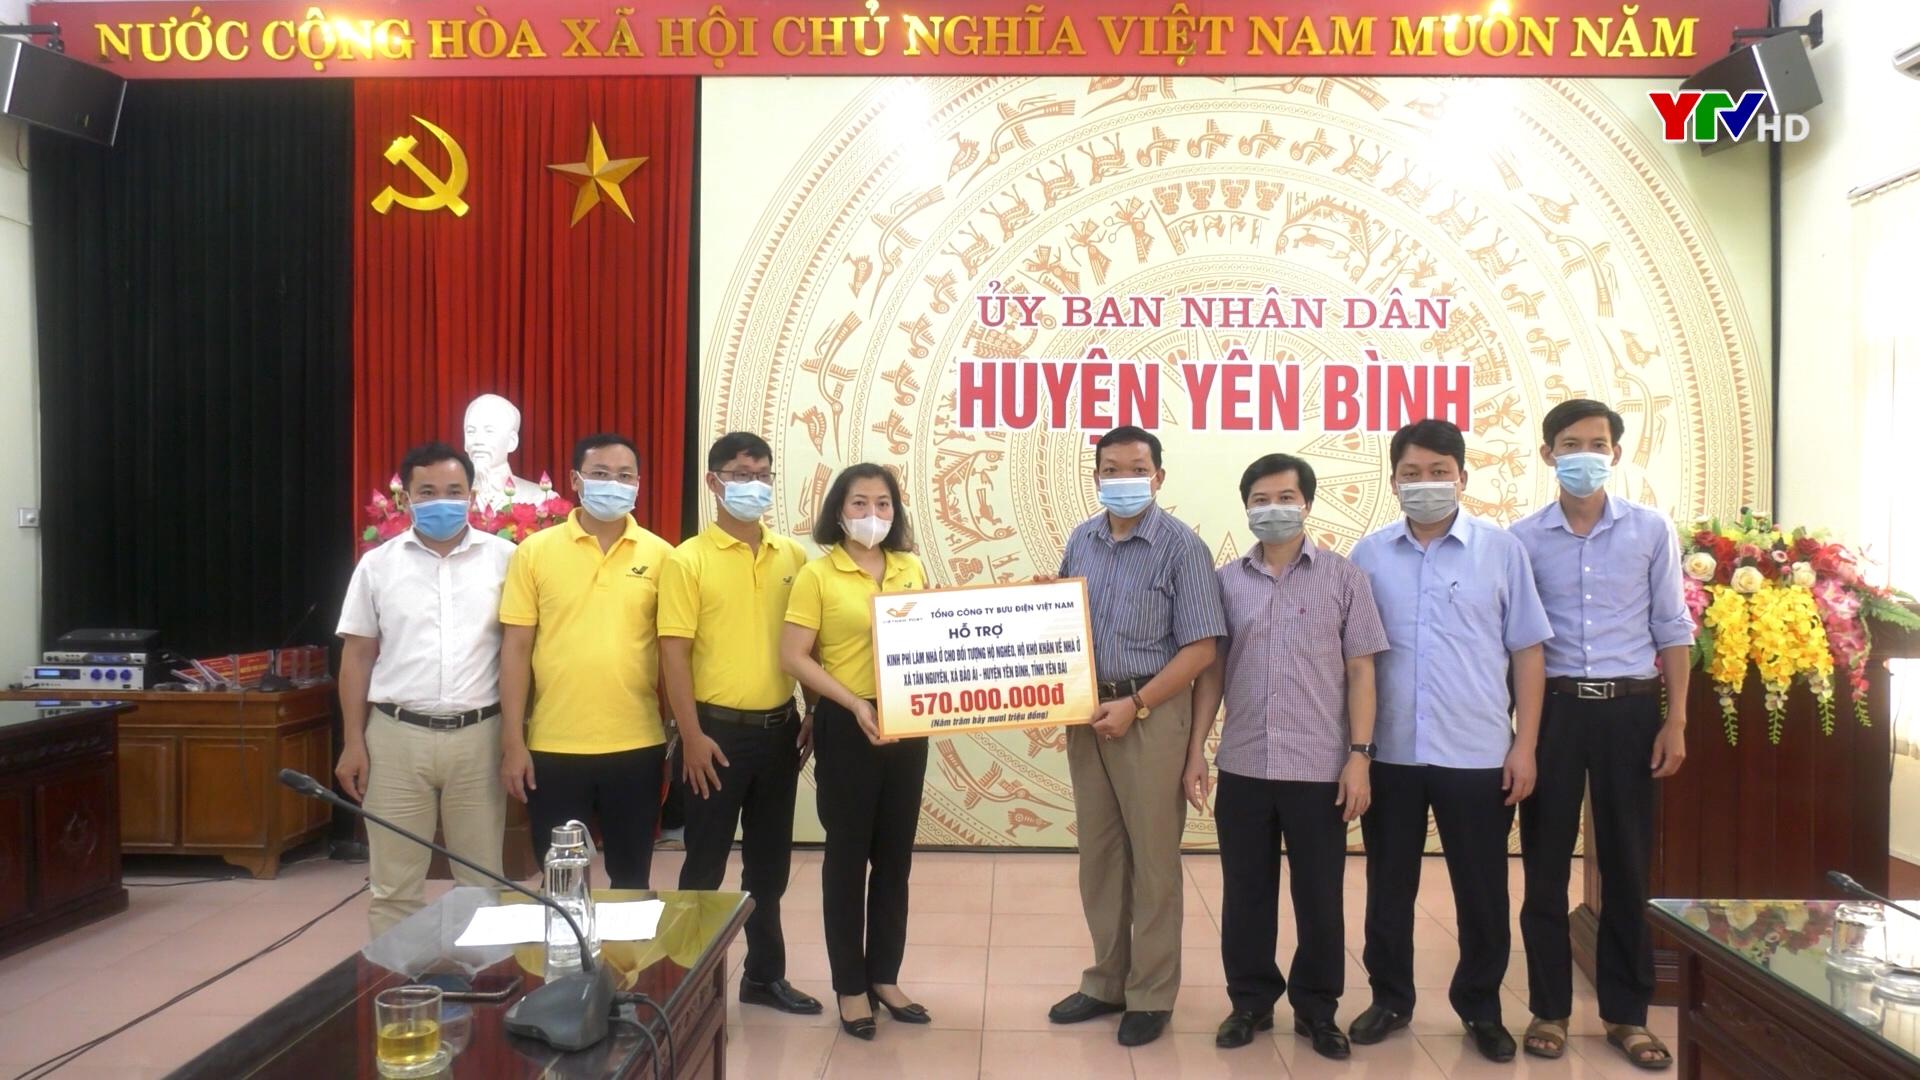 Hỗ trợ 570 triệu đồng giúp hộ nghèo huyện Yên Bình làm nhà ở